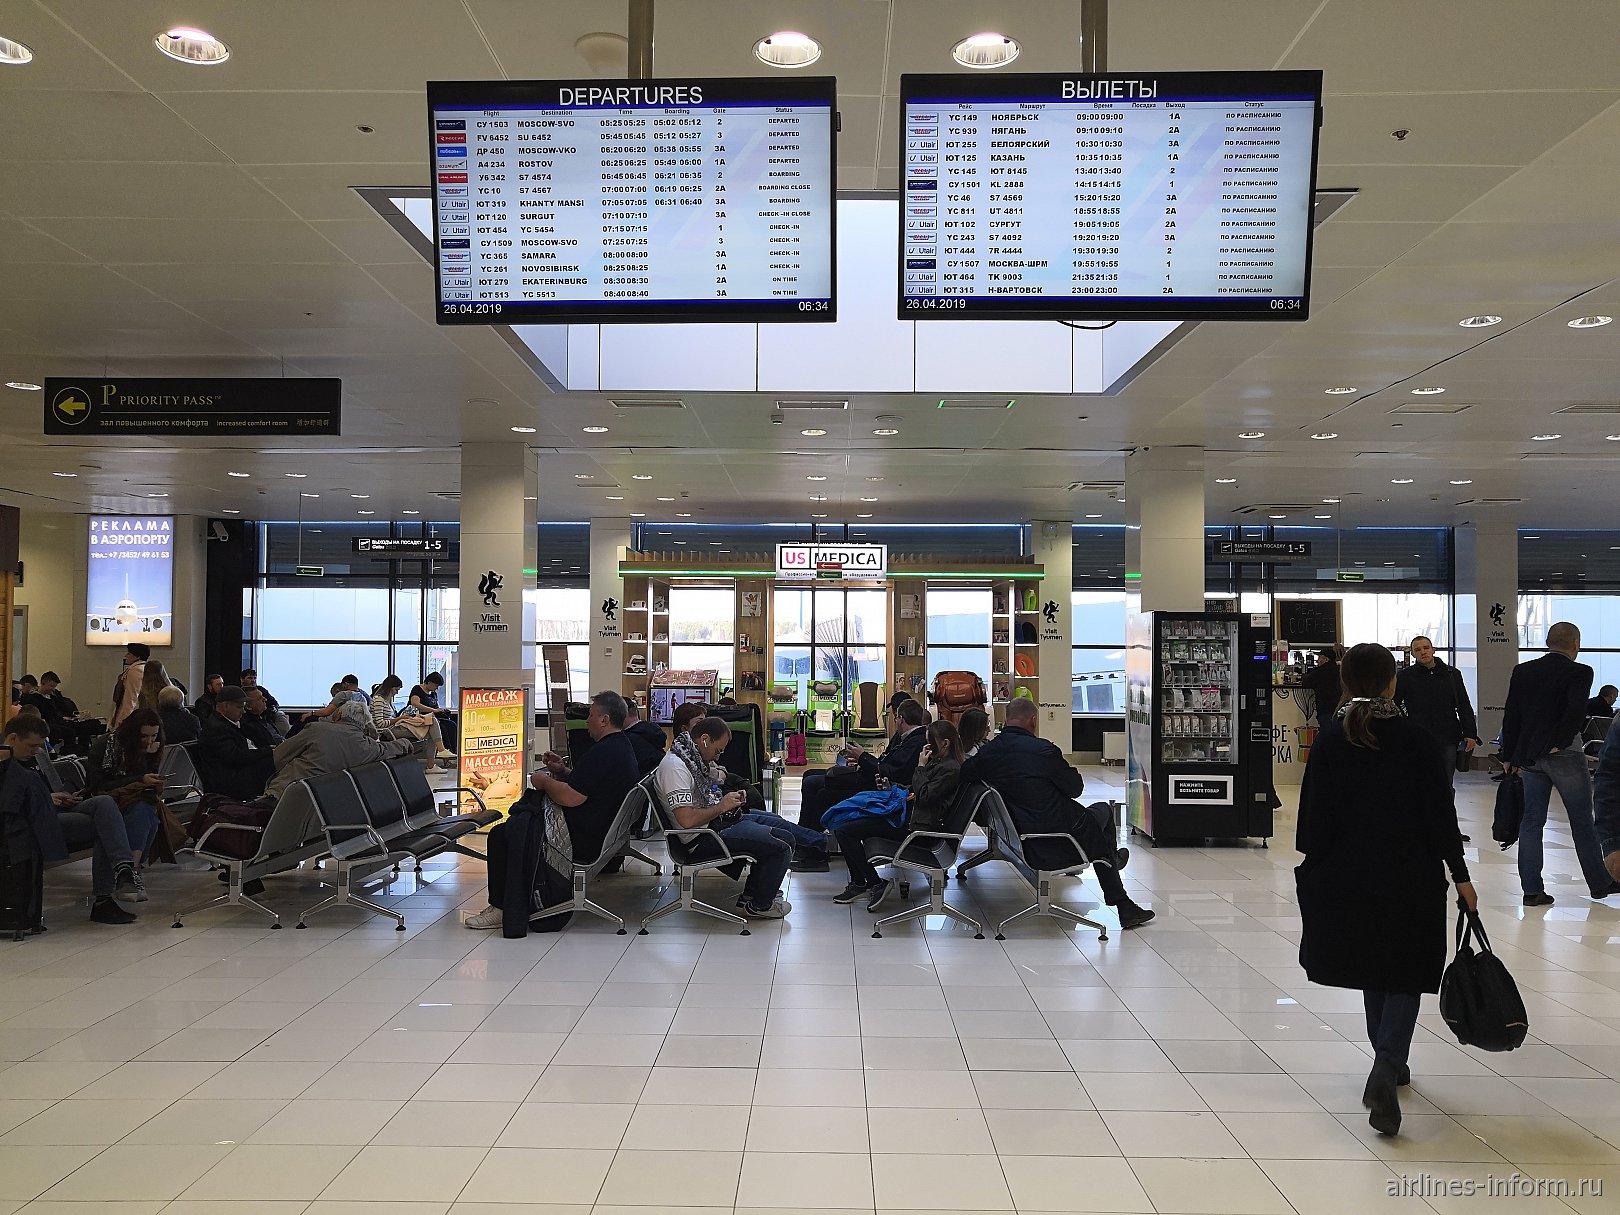 Зона вылета внутренних рейсов аэропорта Тюмень Рощино